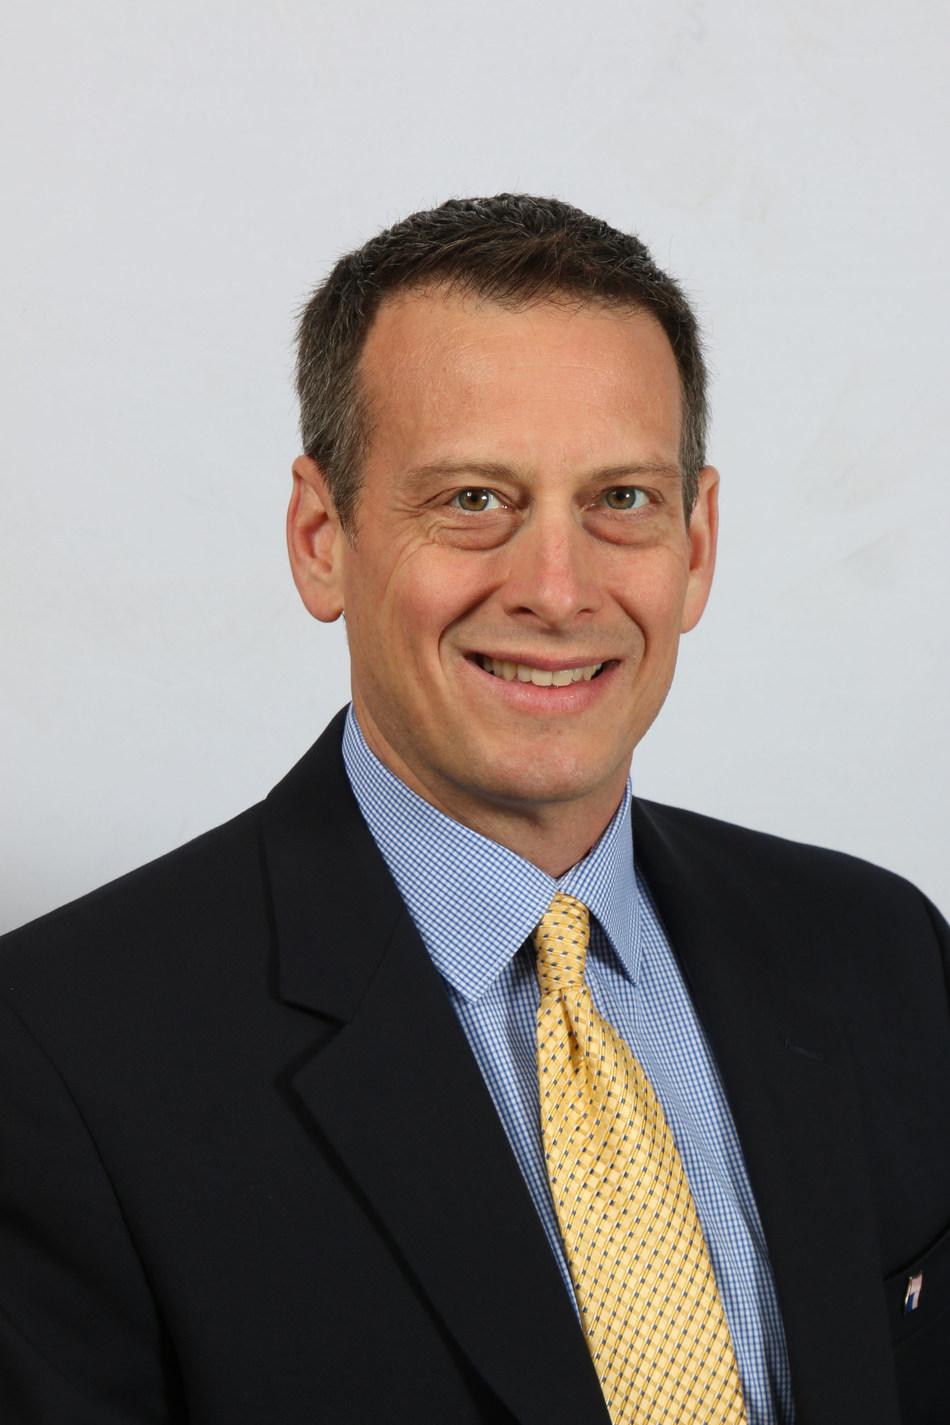 Al Gallo, Assistant Vice President, PESCO.